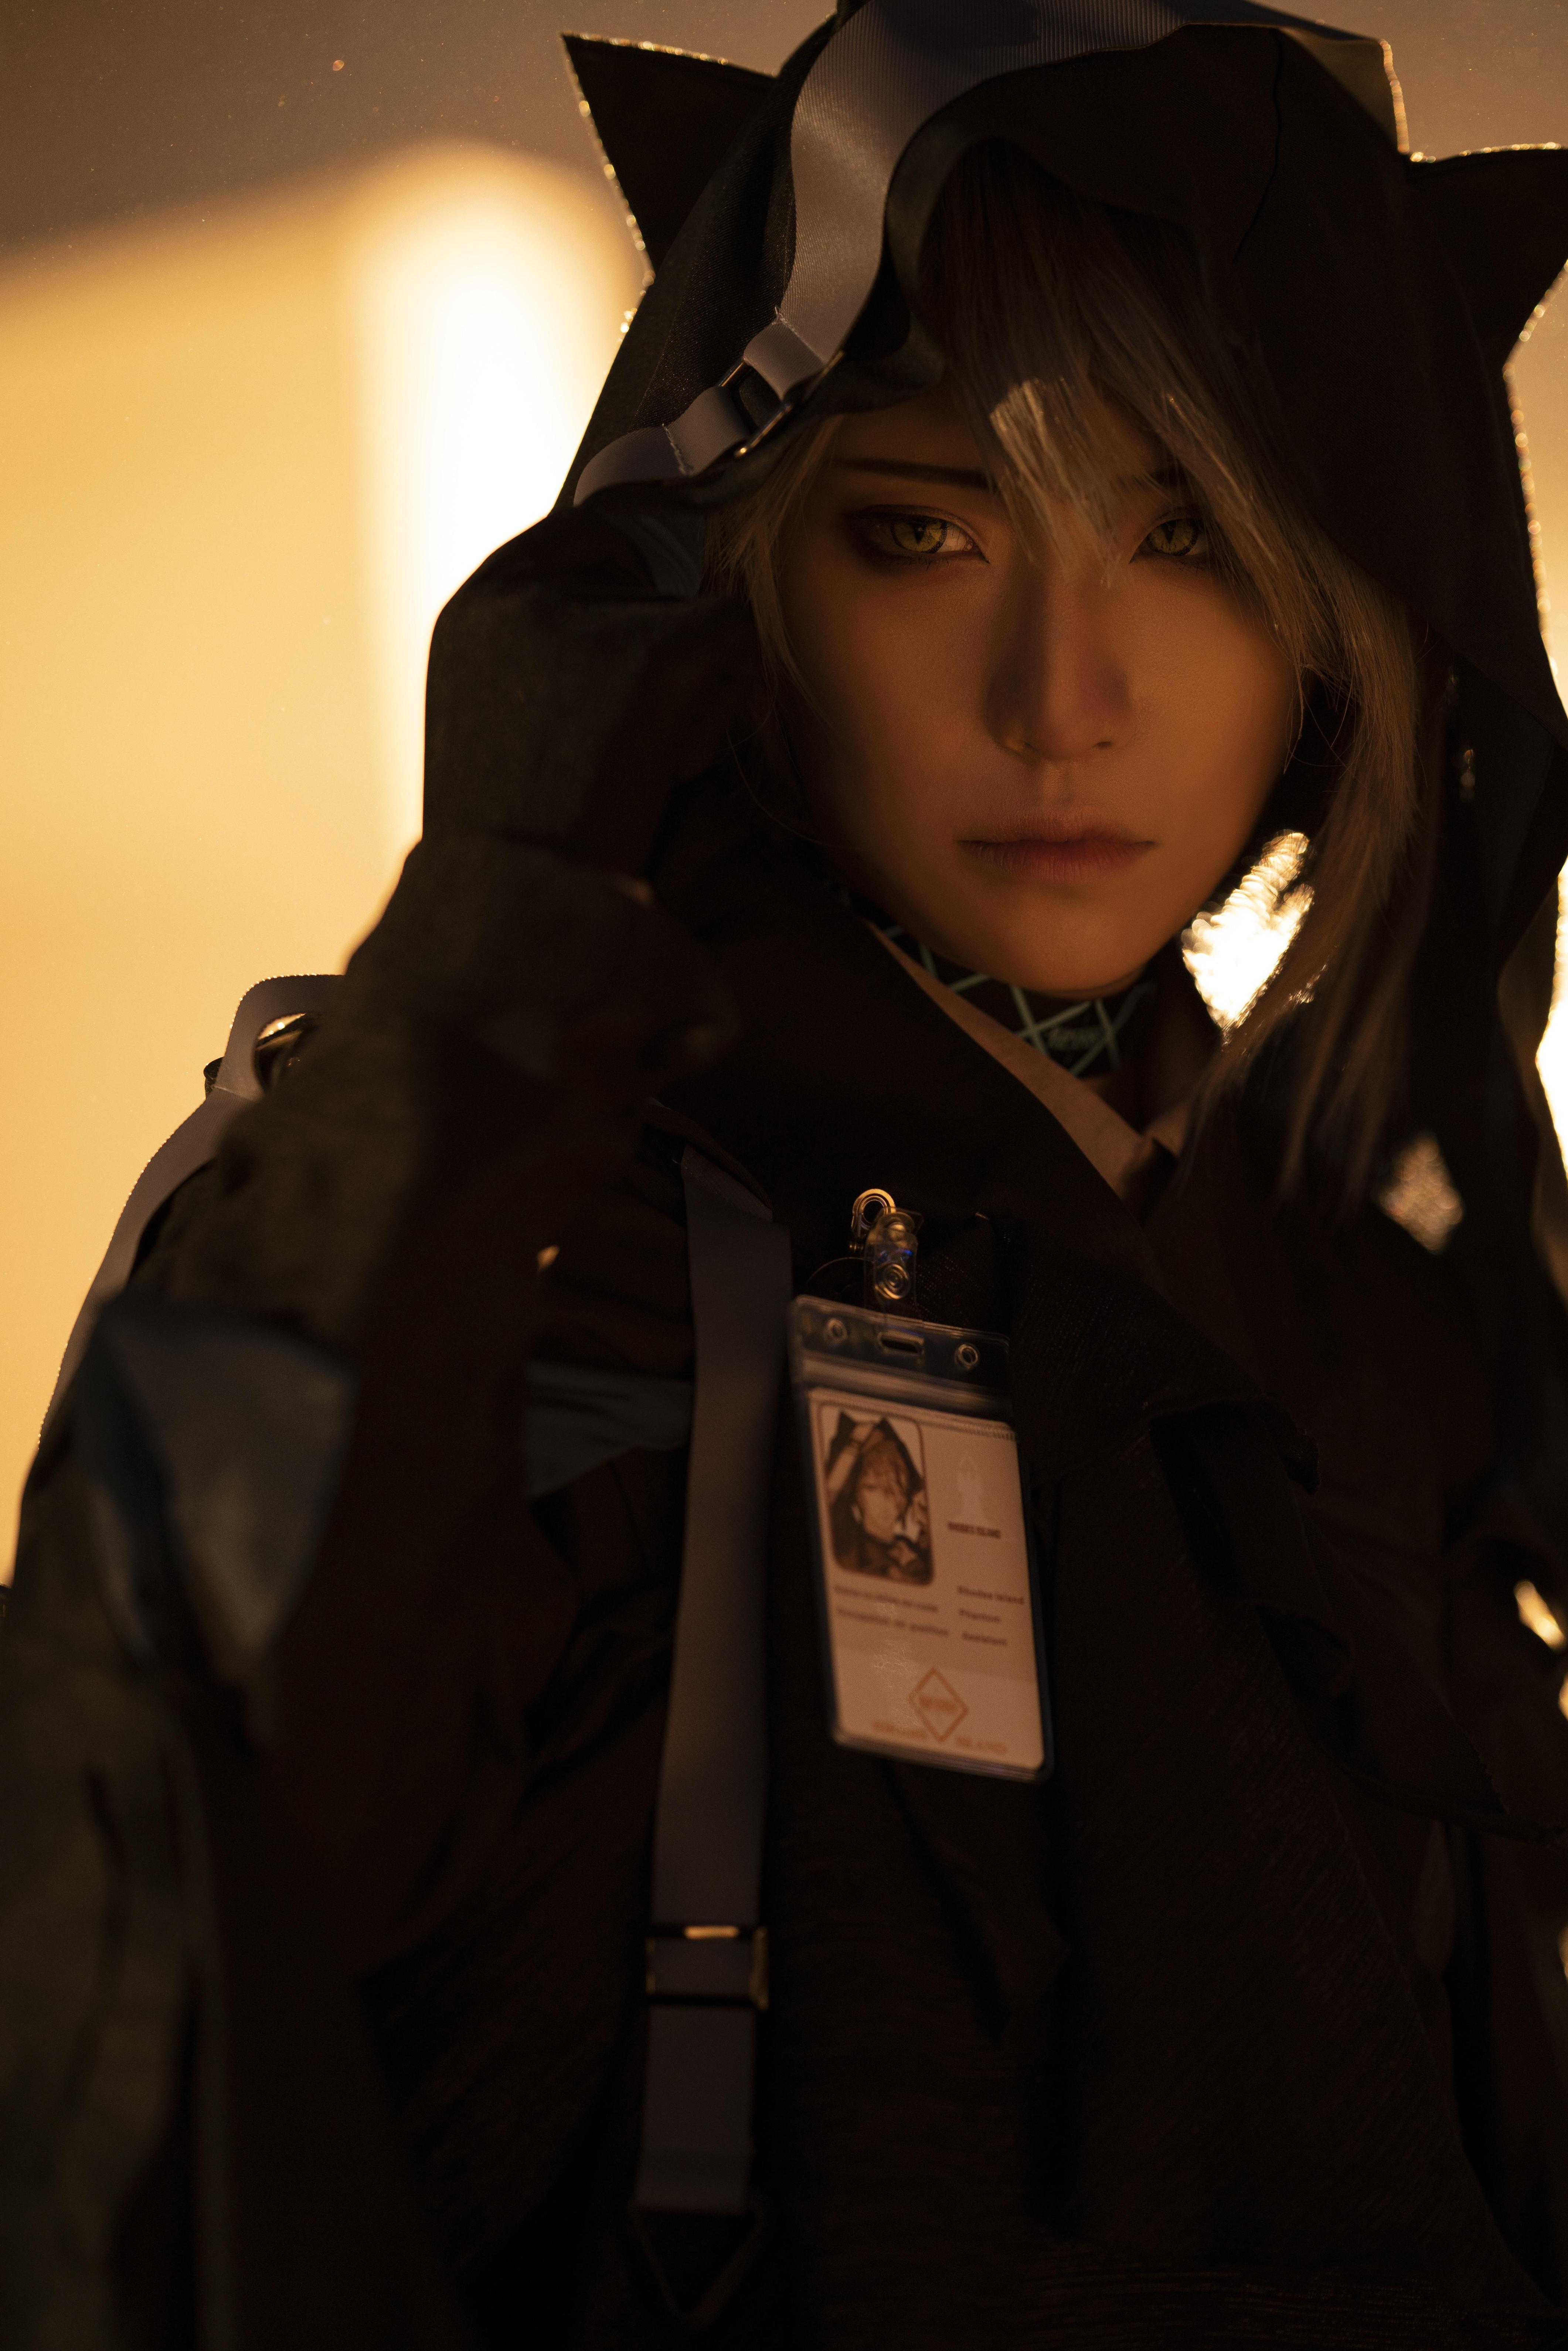 《明日方舟》正片cosplay【CN:斯诺_Yukina】-第18张